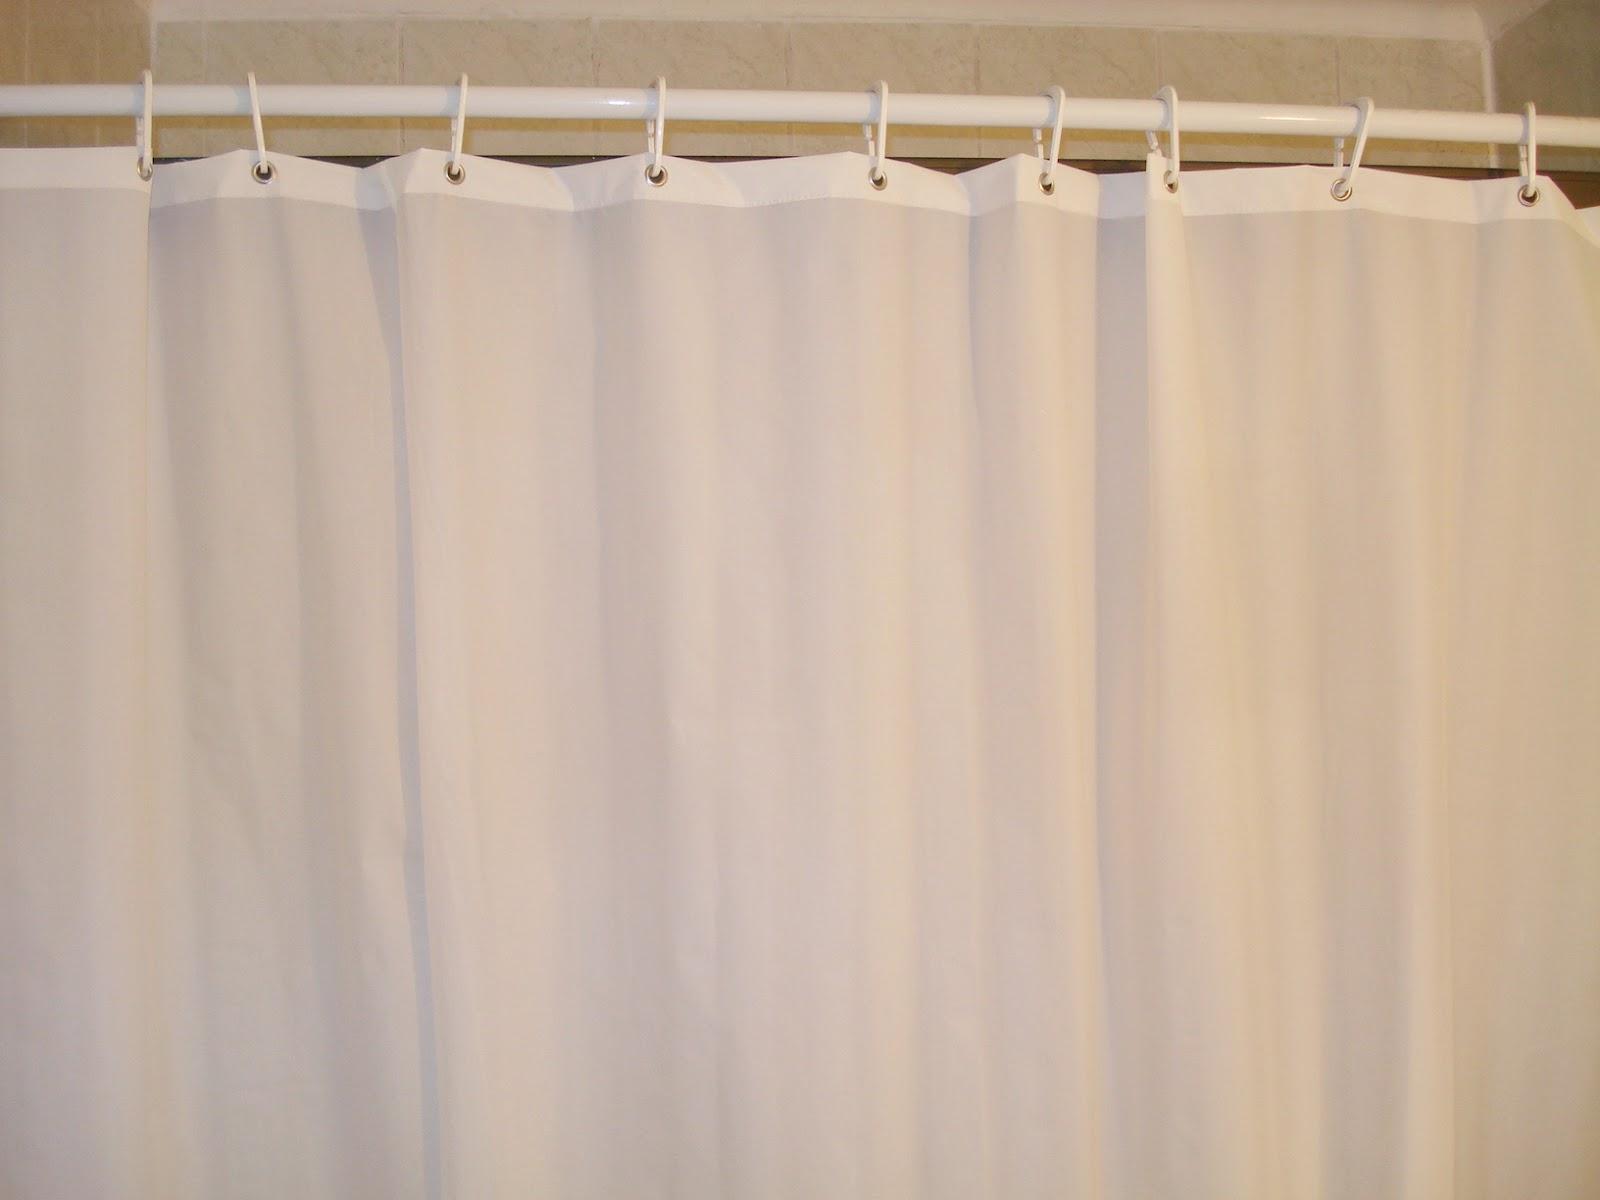 Rva dise os cortinas y set de ba o - Diseno de cortinas ...